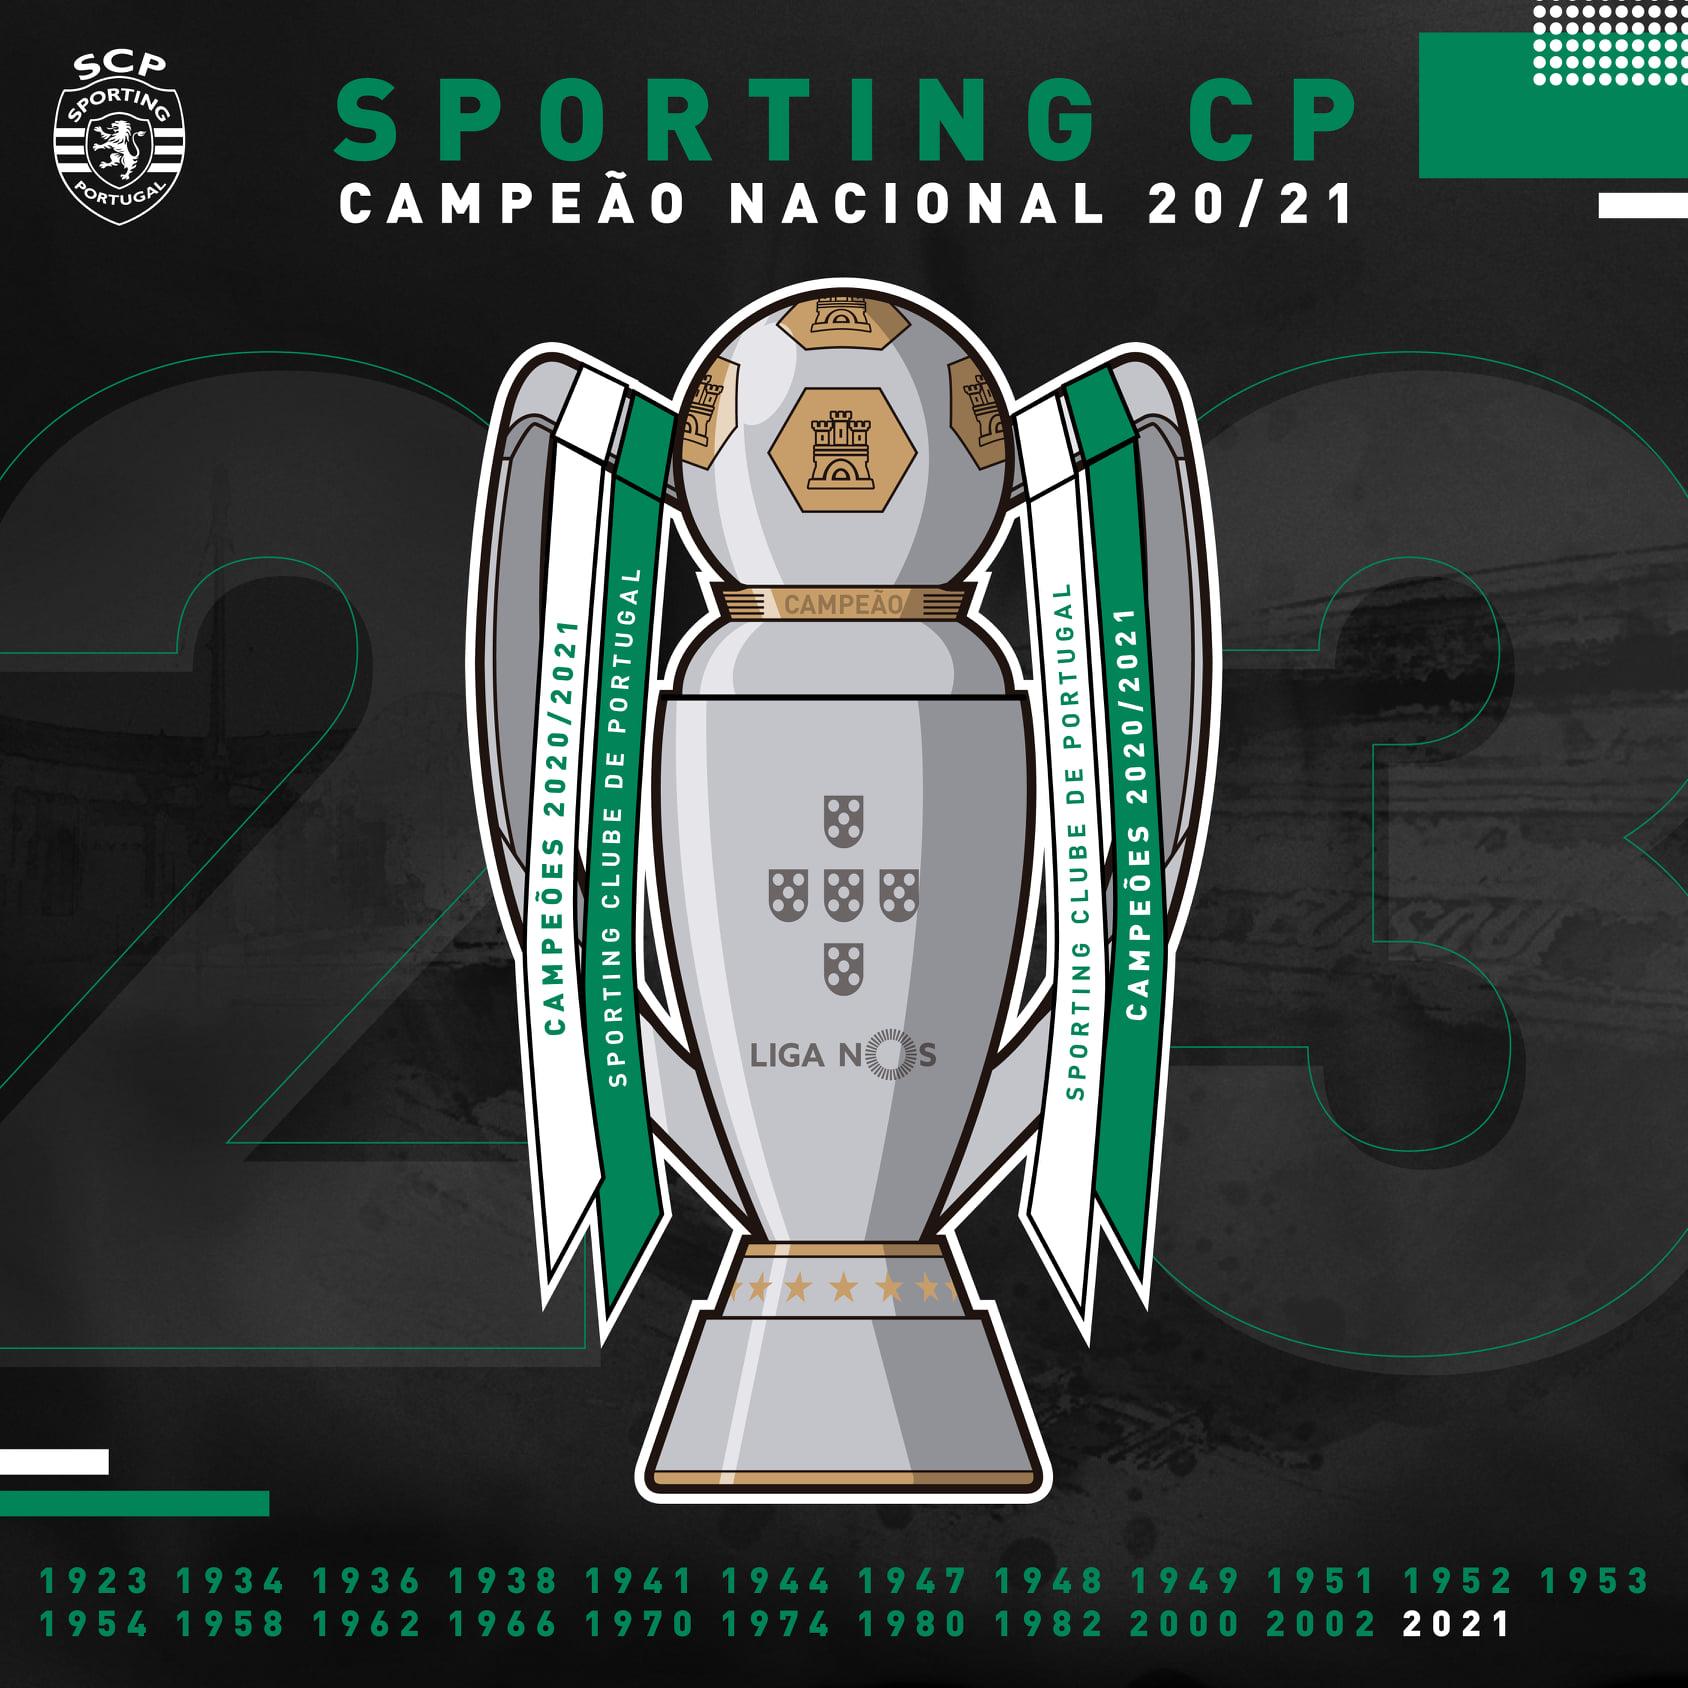 Sporting é o novo Campeão Nacional de Futebol